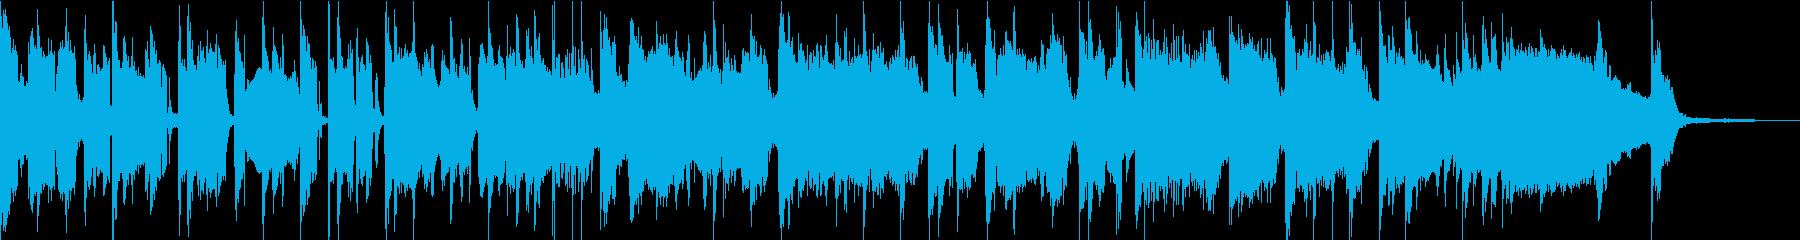 サイケなファンクロックバンド30秒の再生済みの波形